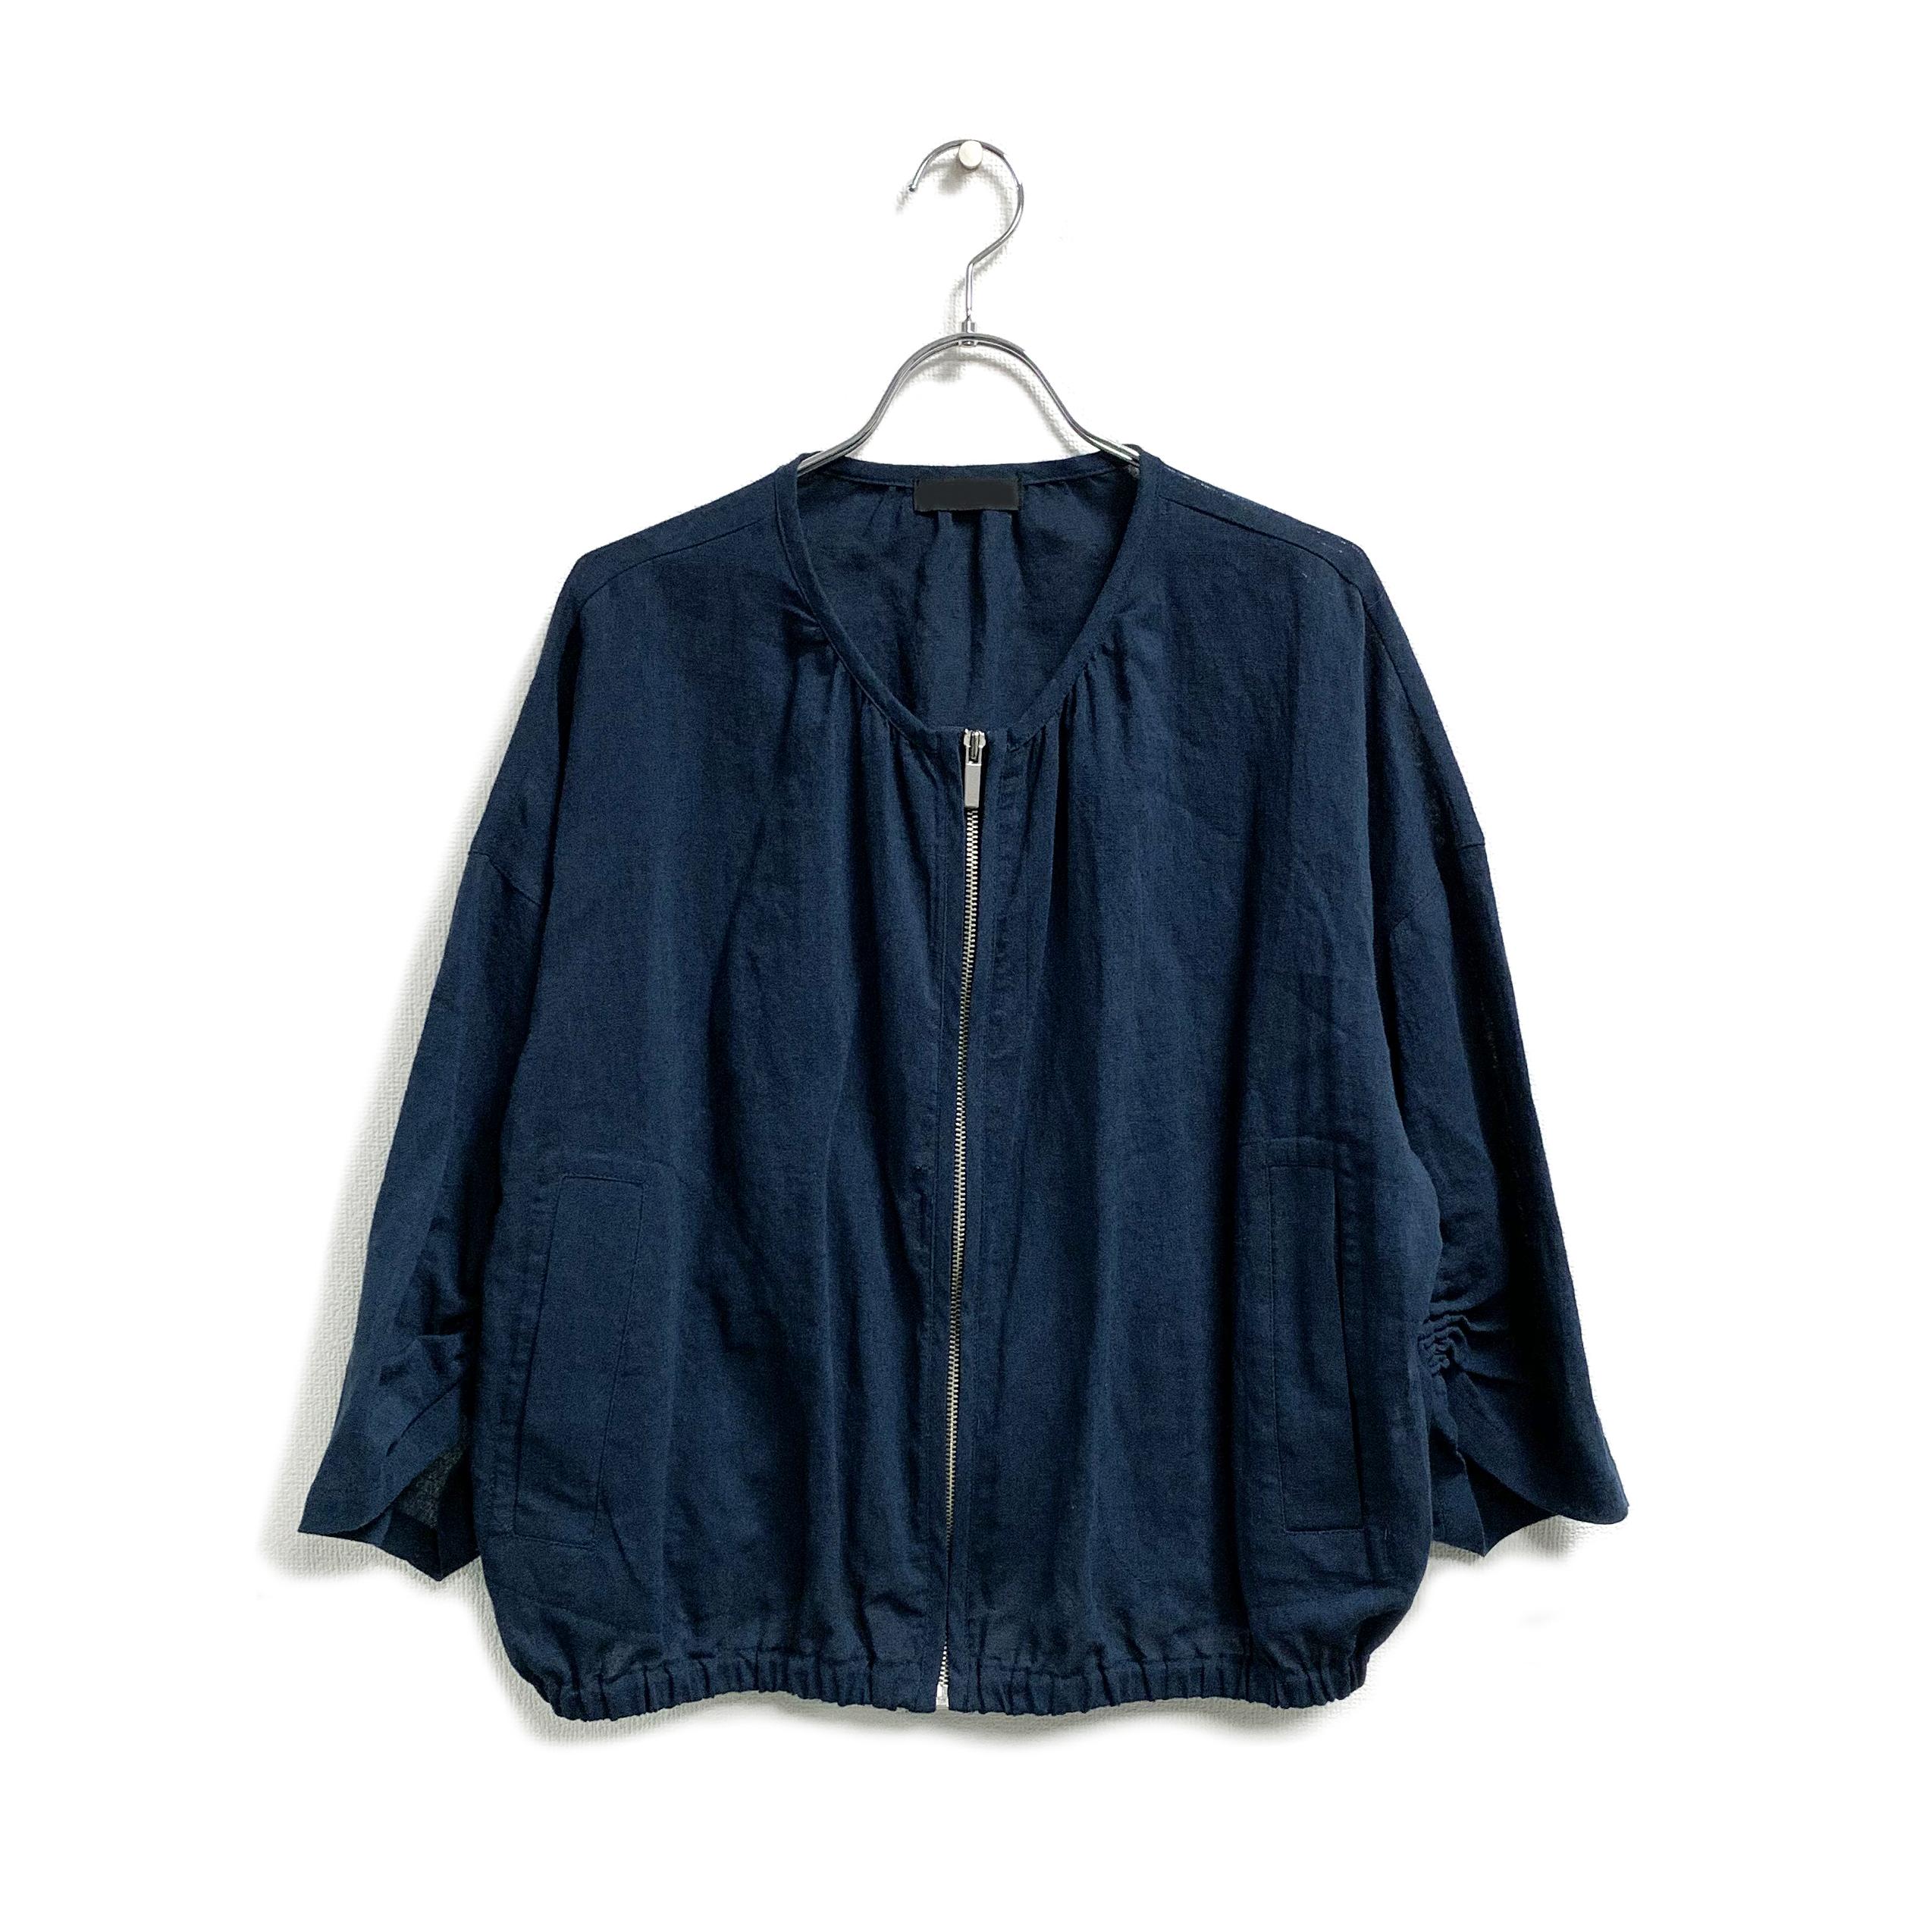 綿麻レーヨンポプリン・袖ギャザーブルゾン羽織